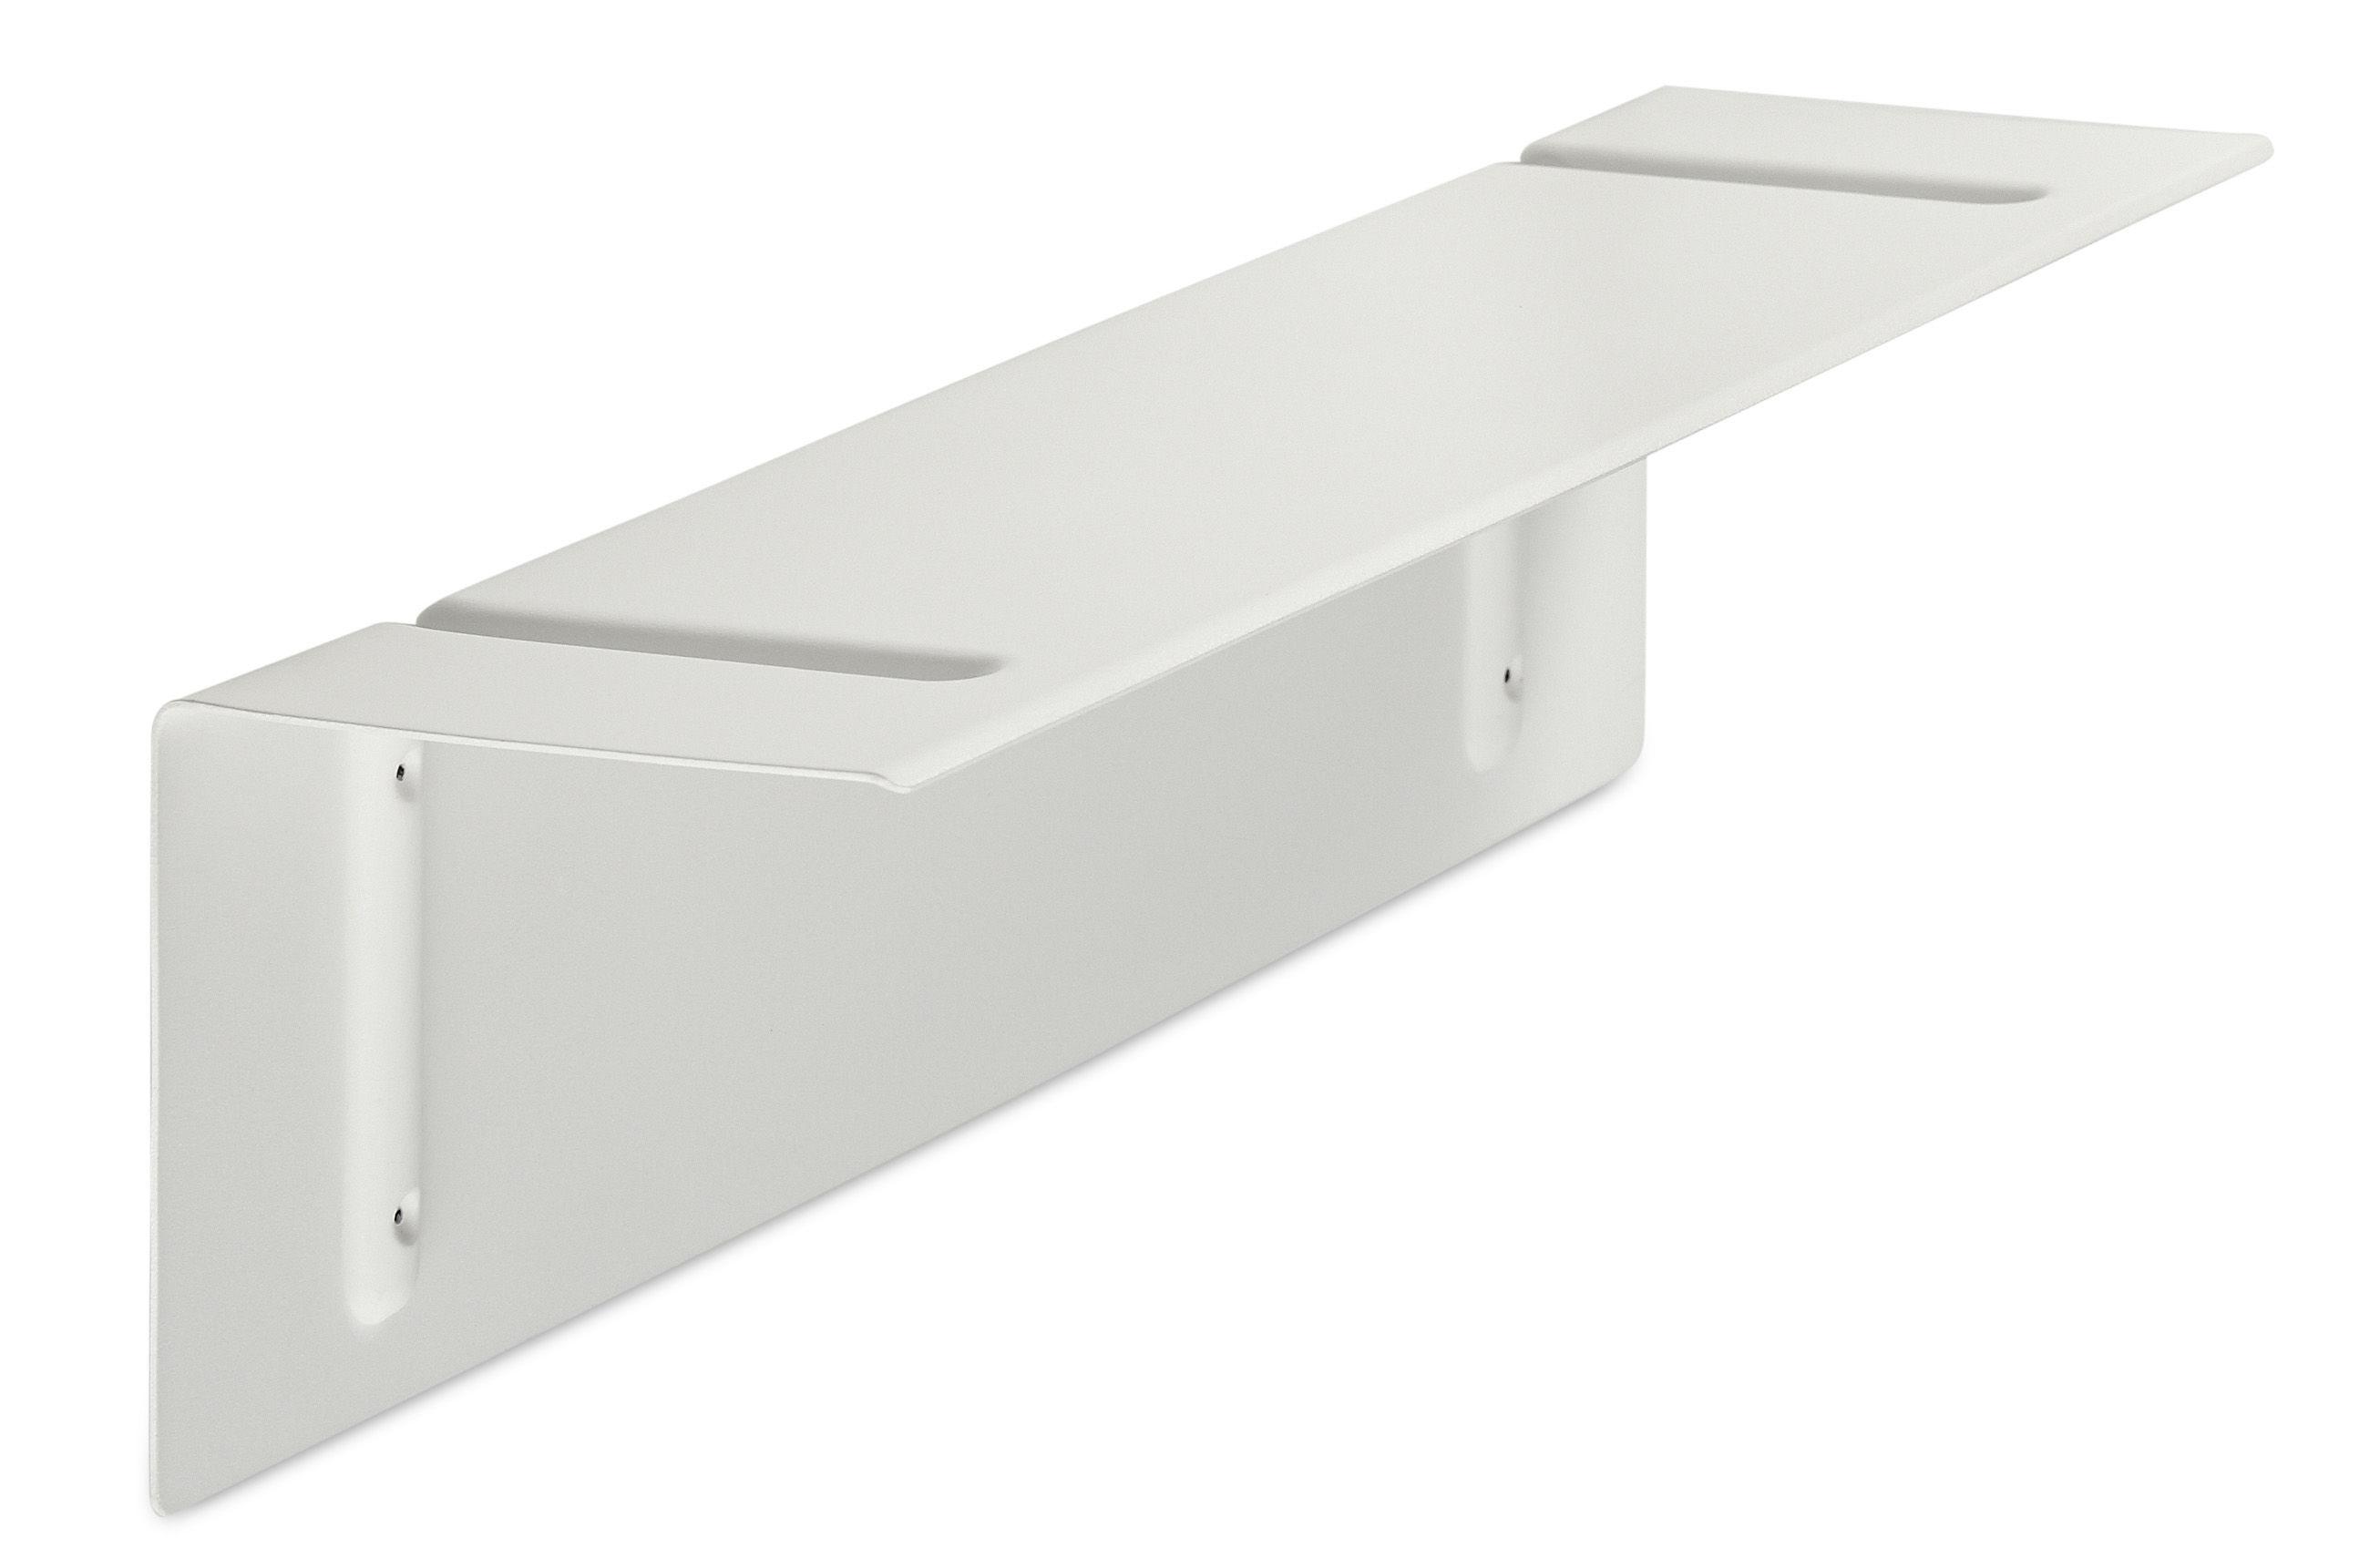 Möbel - Regale und Bücherregale - Brackets Included Regal / L 80 cm - Hay - Weiß - lackierter Stahl